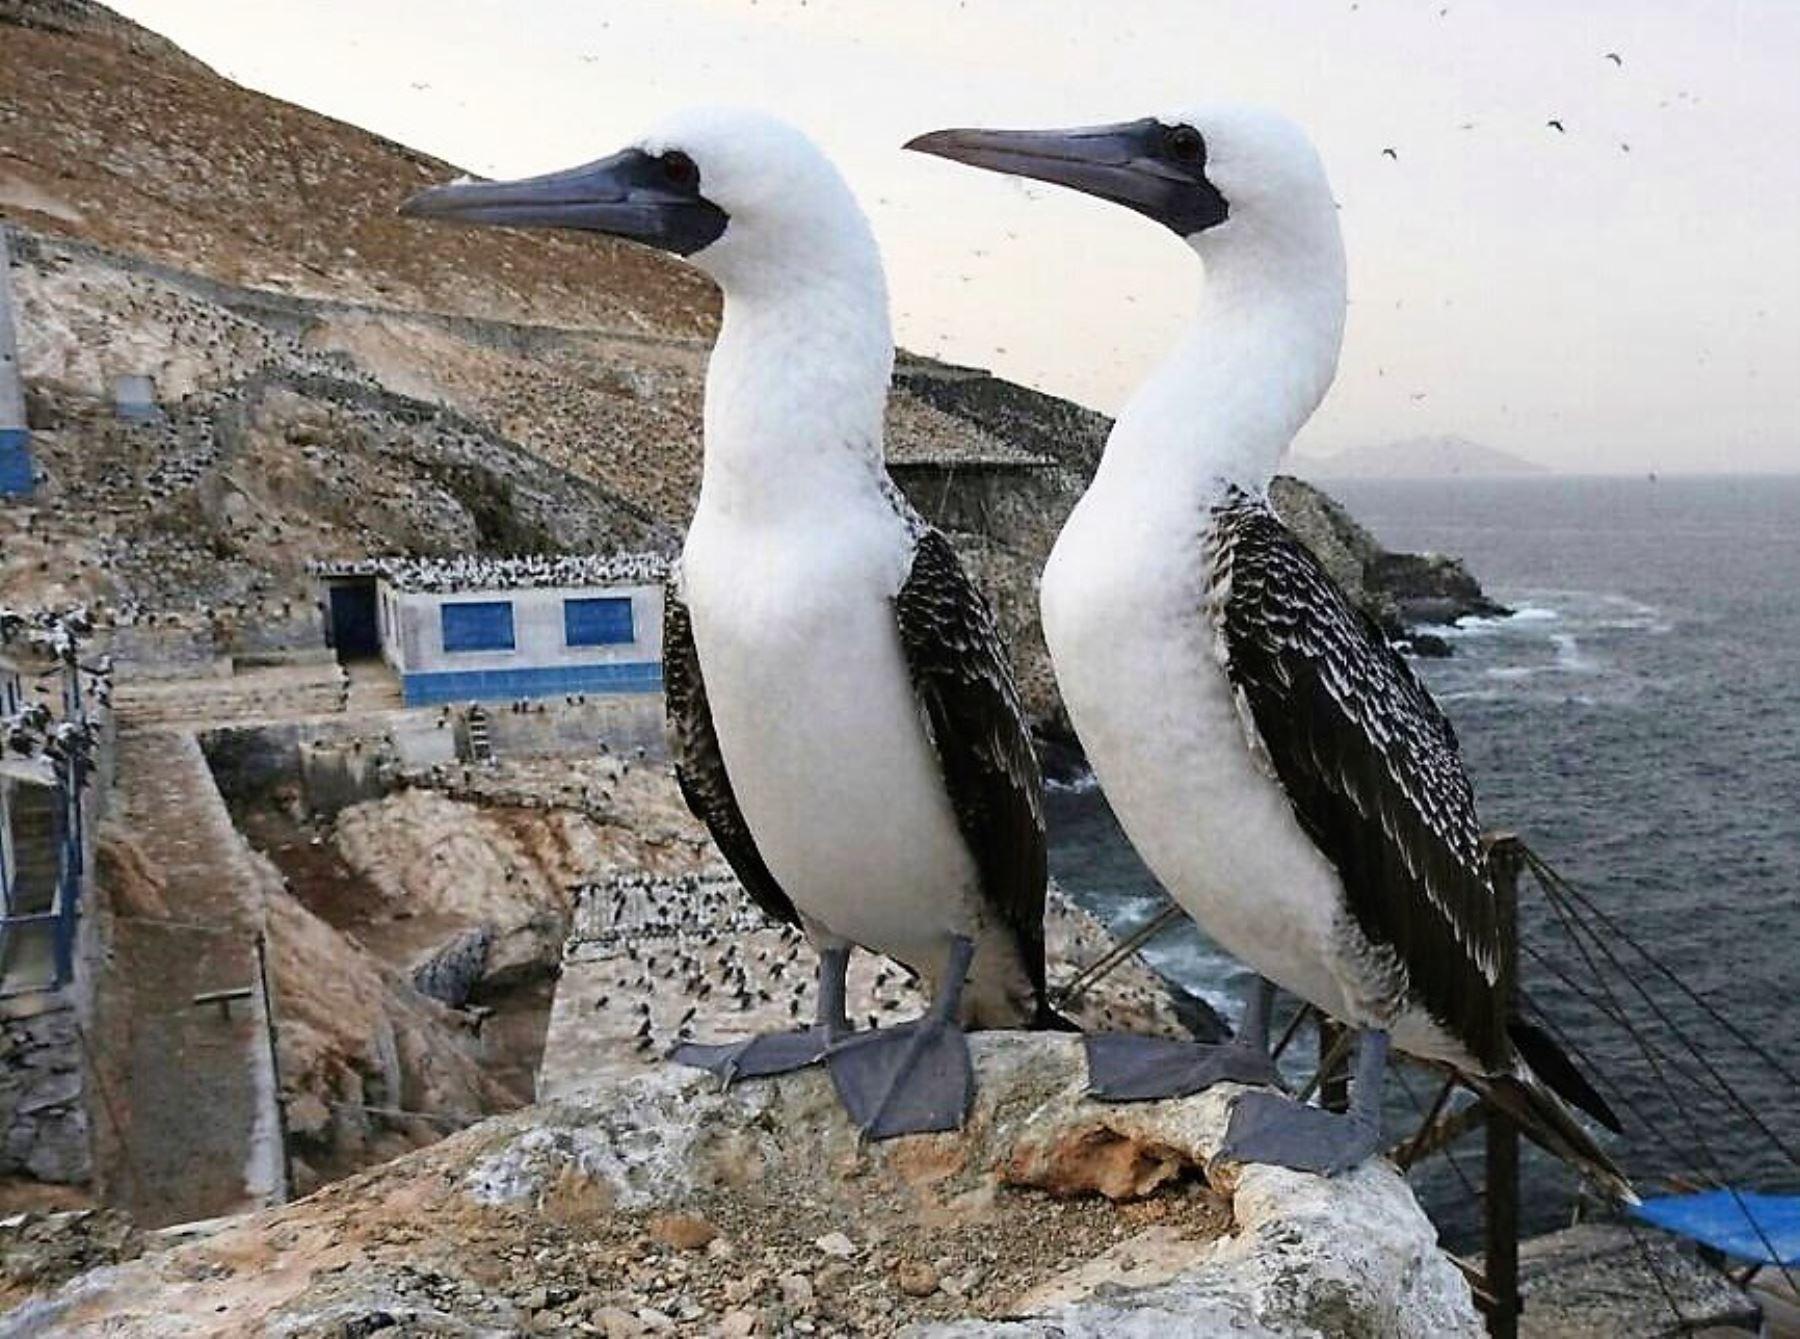 El Piquero de Nasca o Sula grantis fue avistado nuevamente en las islas guaneras del litoral del Perú. ANDINA/Difusión